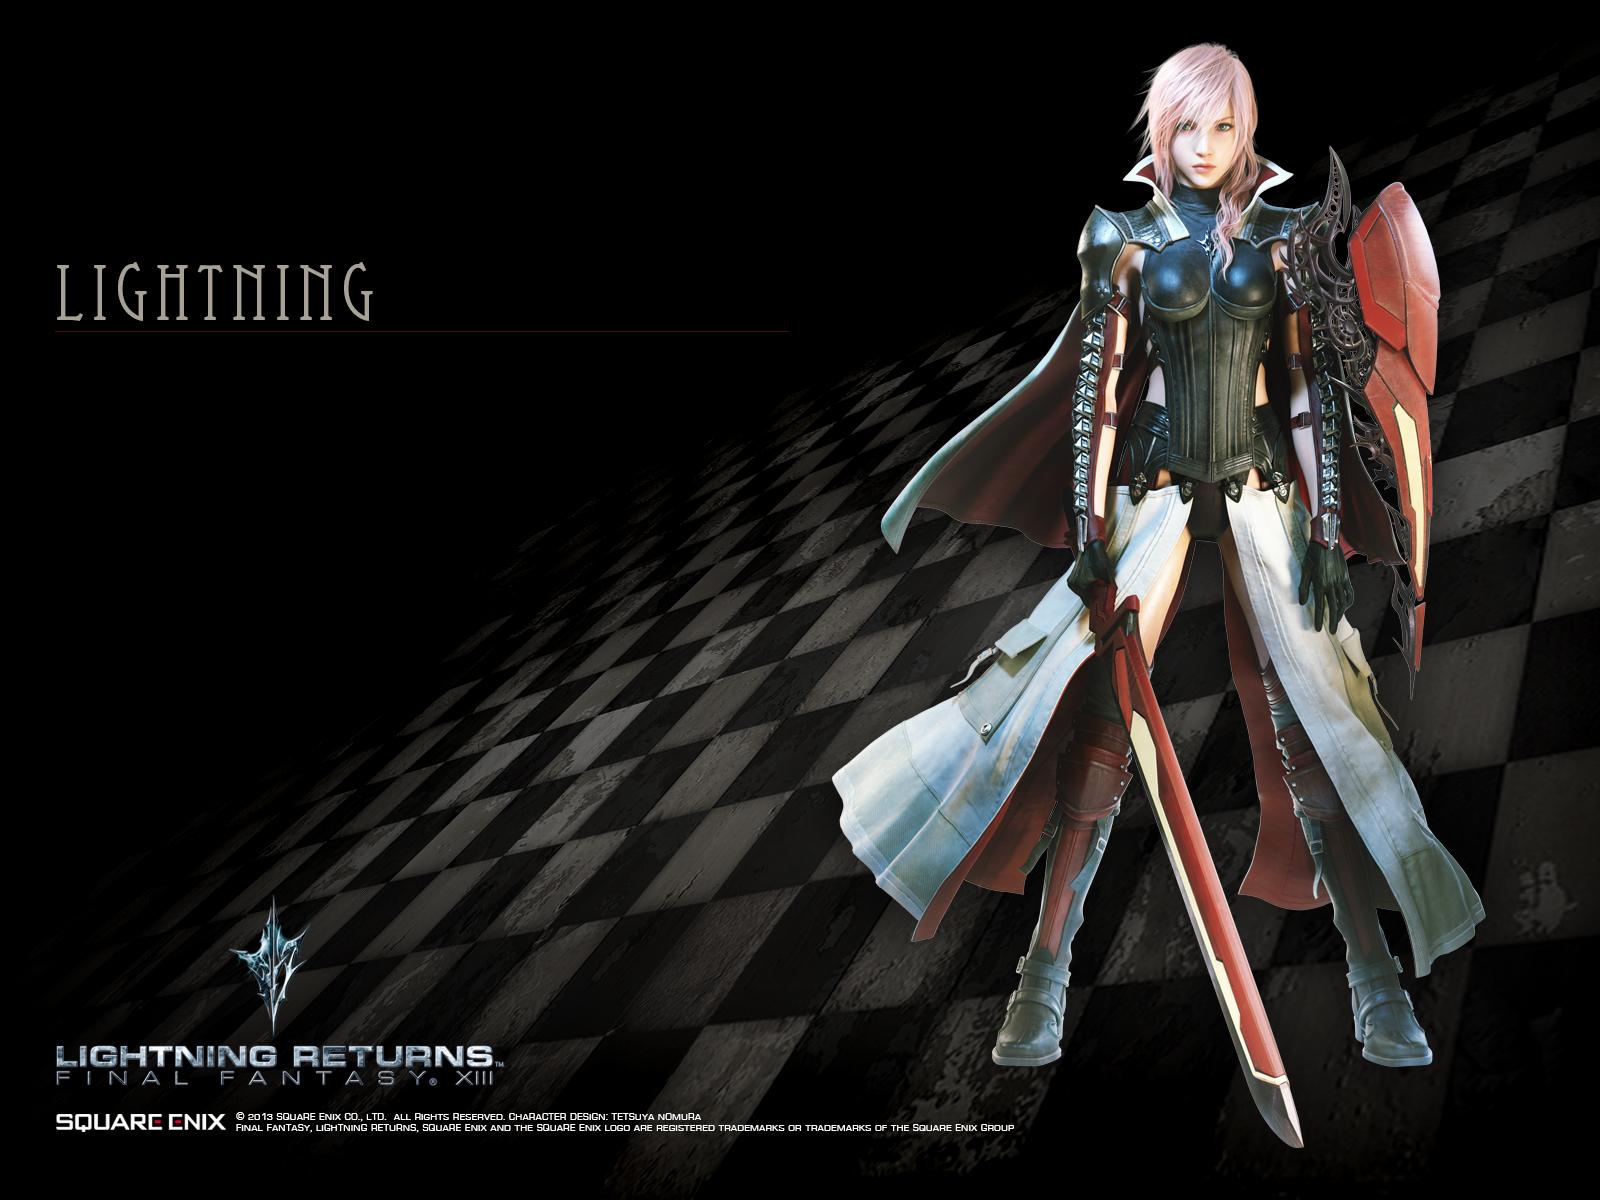 Final Fantasy XIII-3: Lightning Returns Wallpaper 013